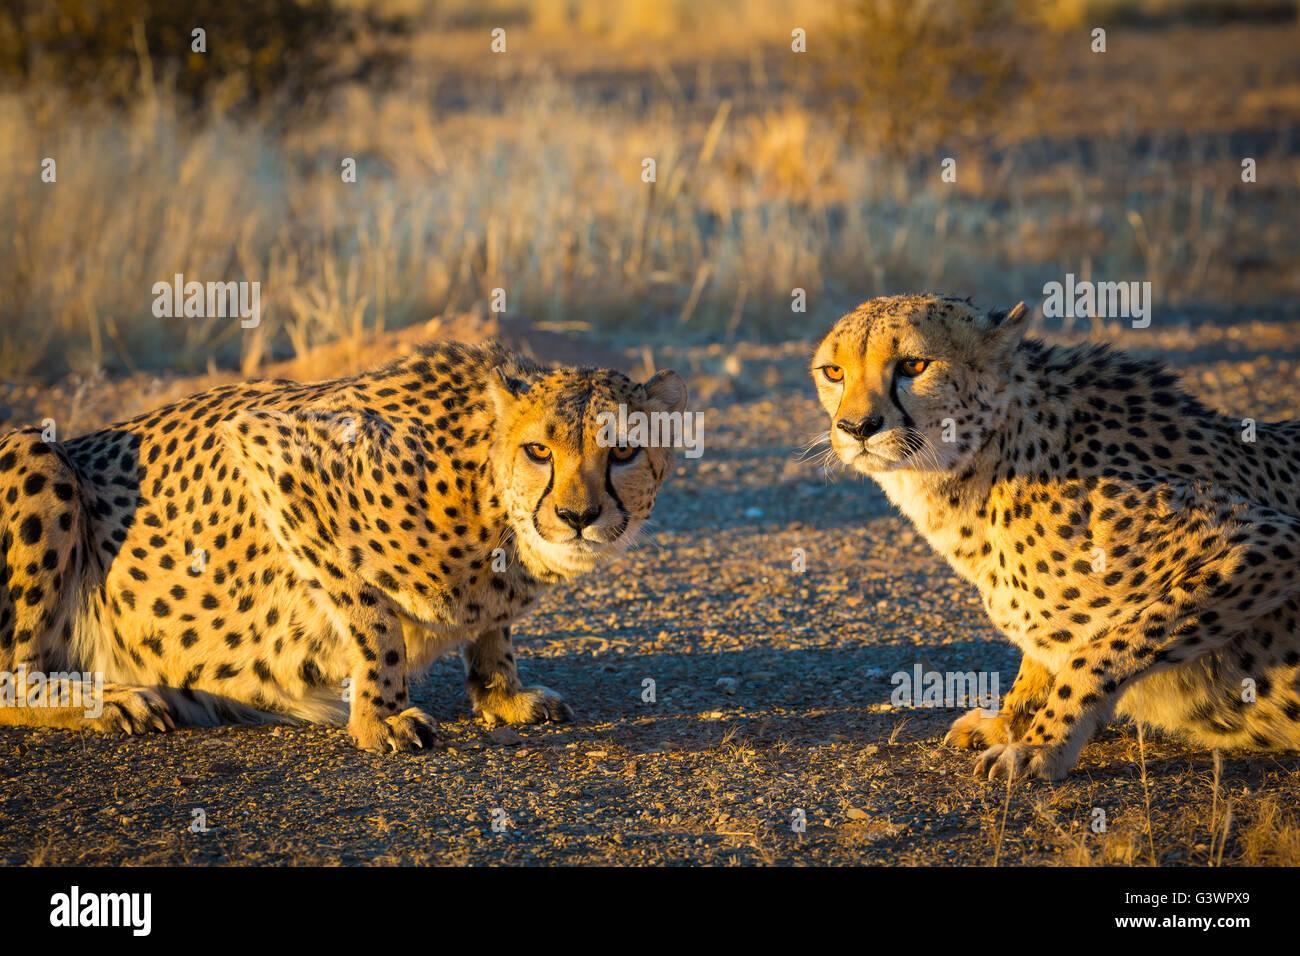 Le Guépard (Acinonyx jubatus) est un gros chat qui se produit principalement en Afrique orientale et australe. Banque D'Images